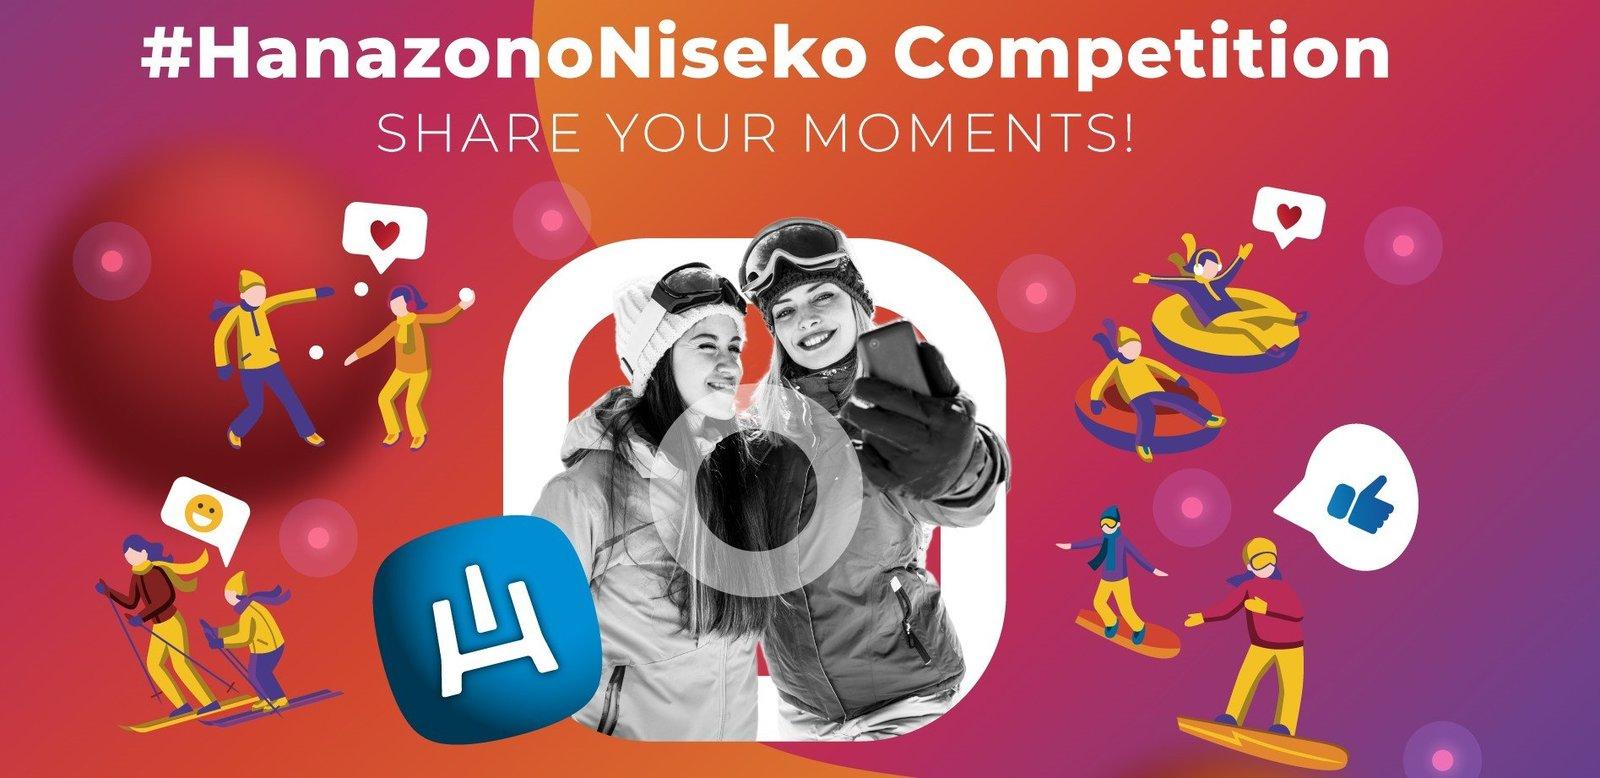 Hanazono Niseko Competition 19-20 win a niseko holiday ig contest